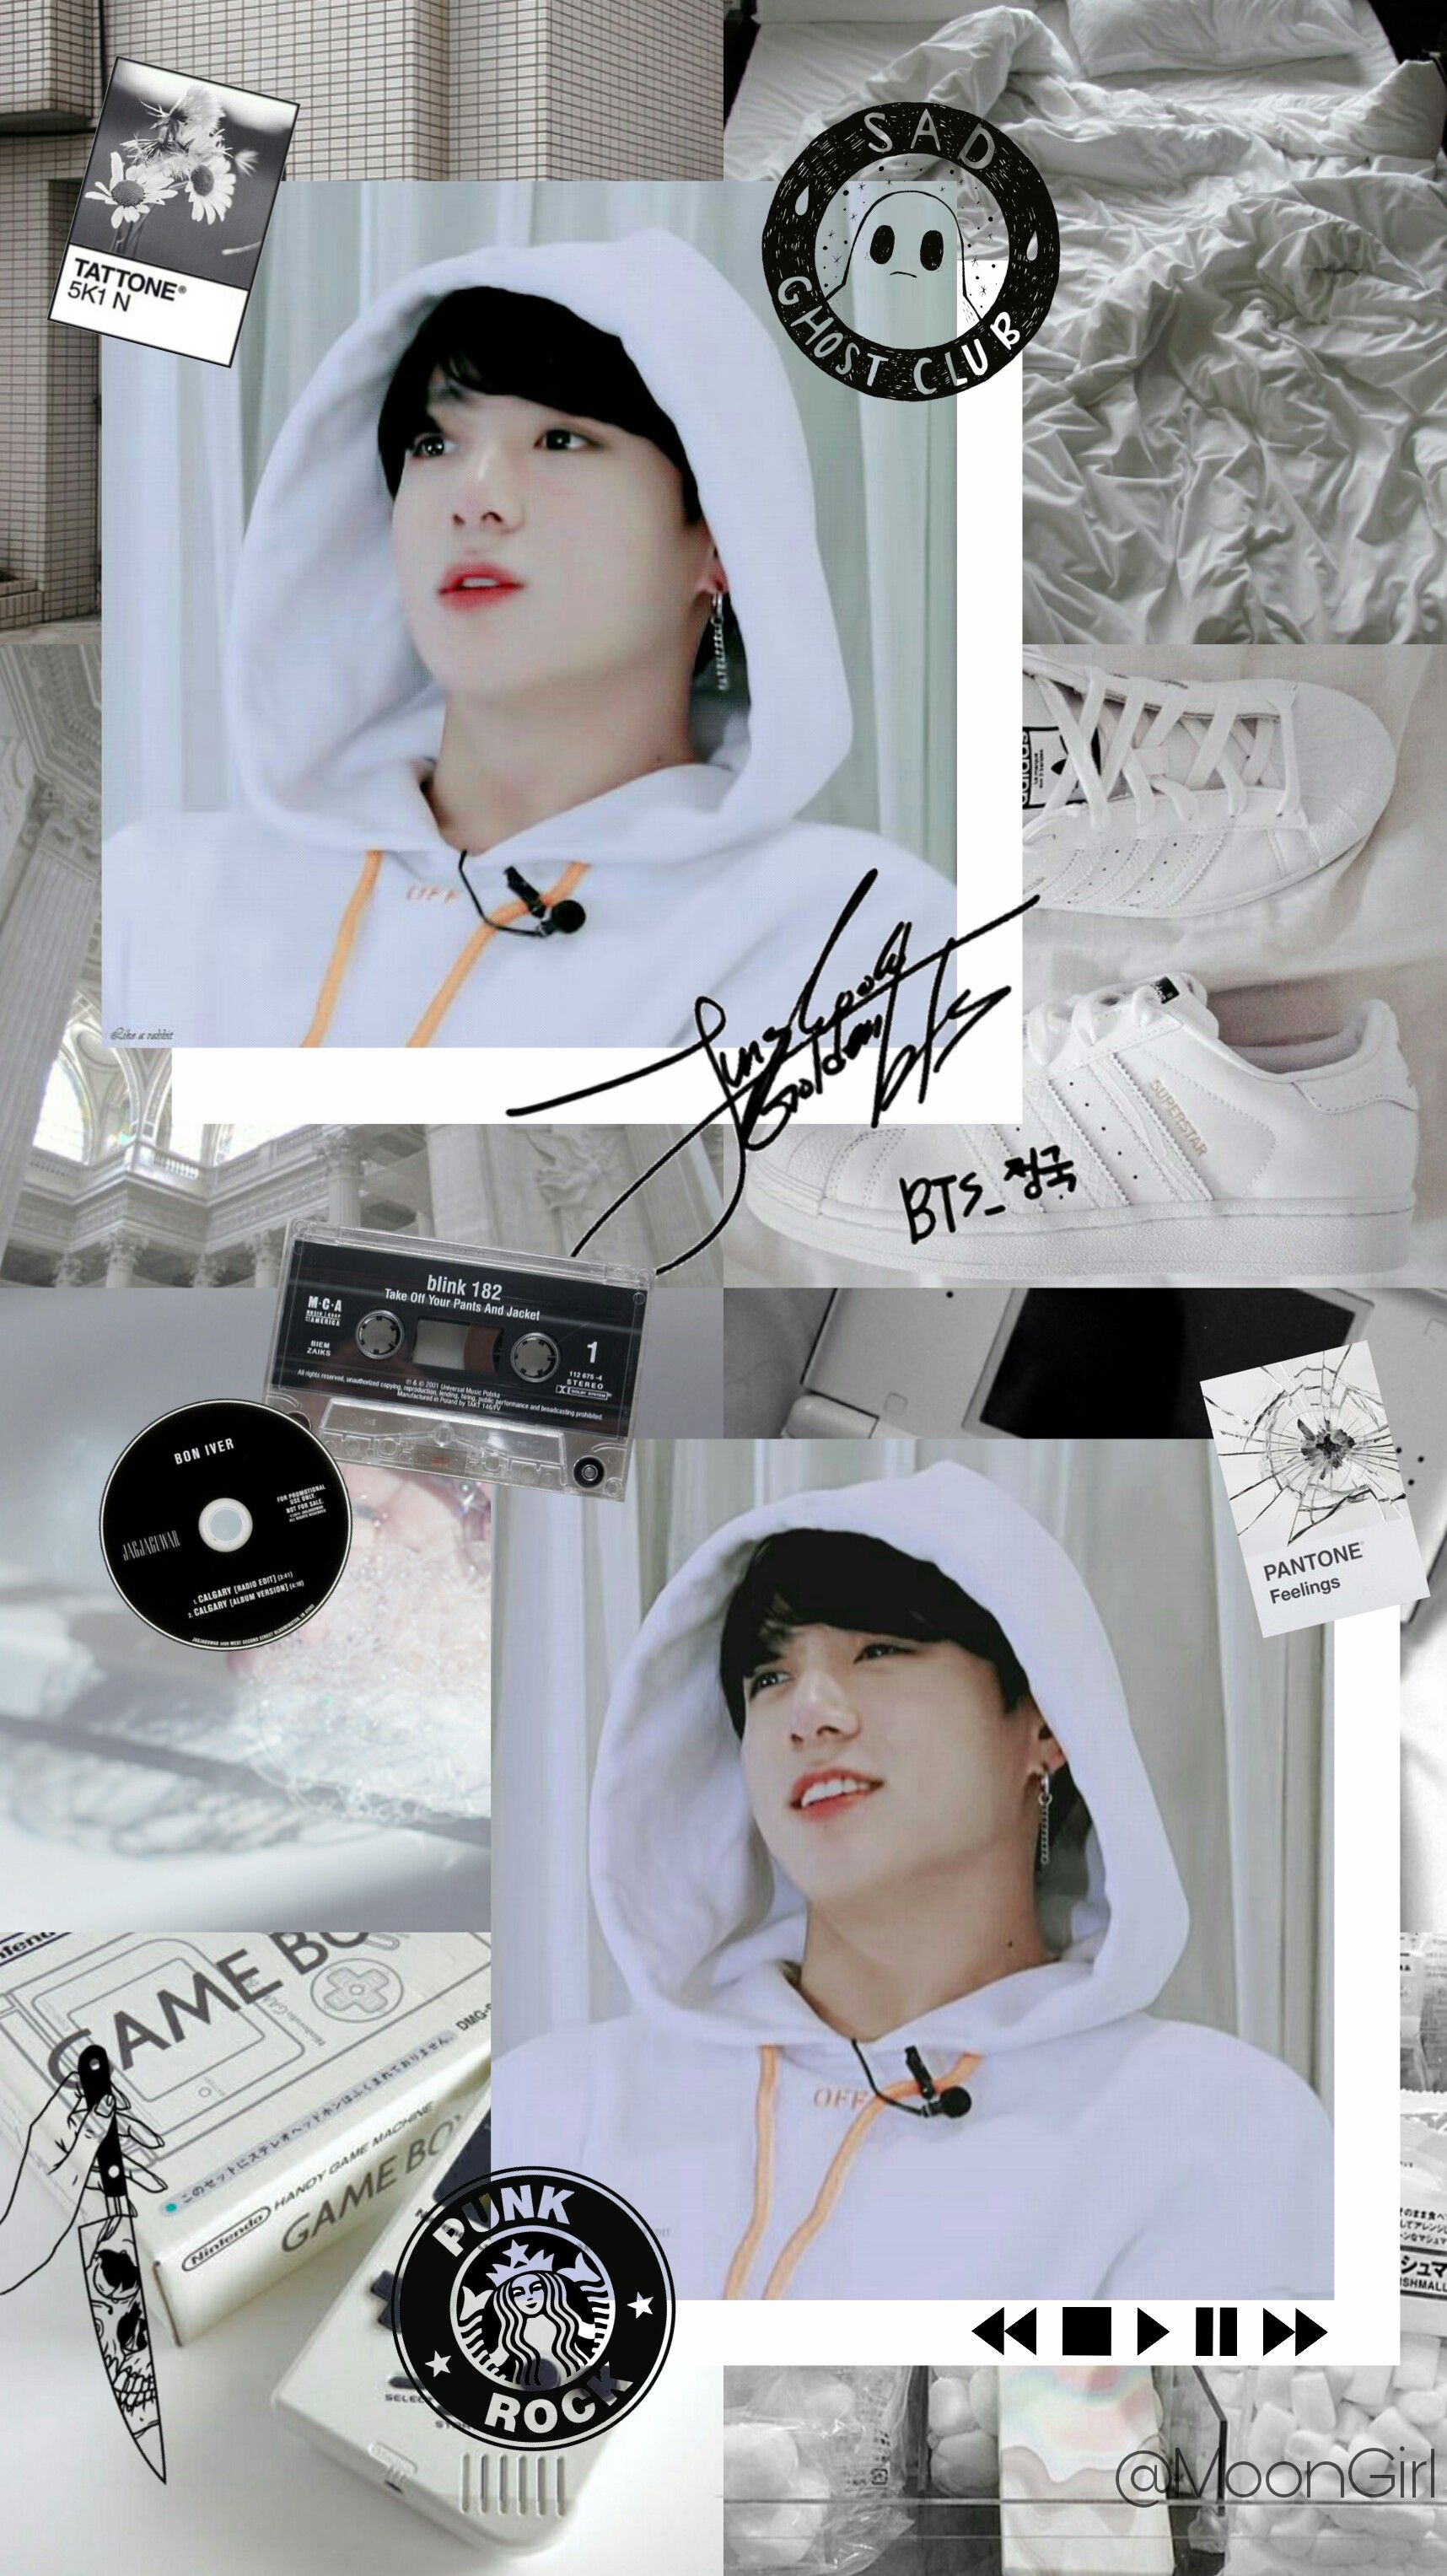 jungkook bts wallpaper white aesthetic aesthetic